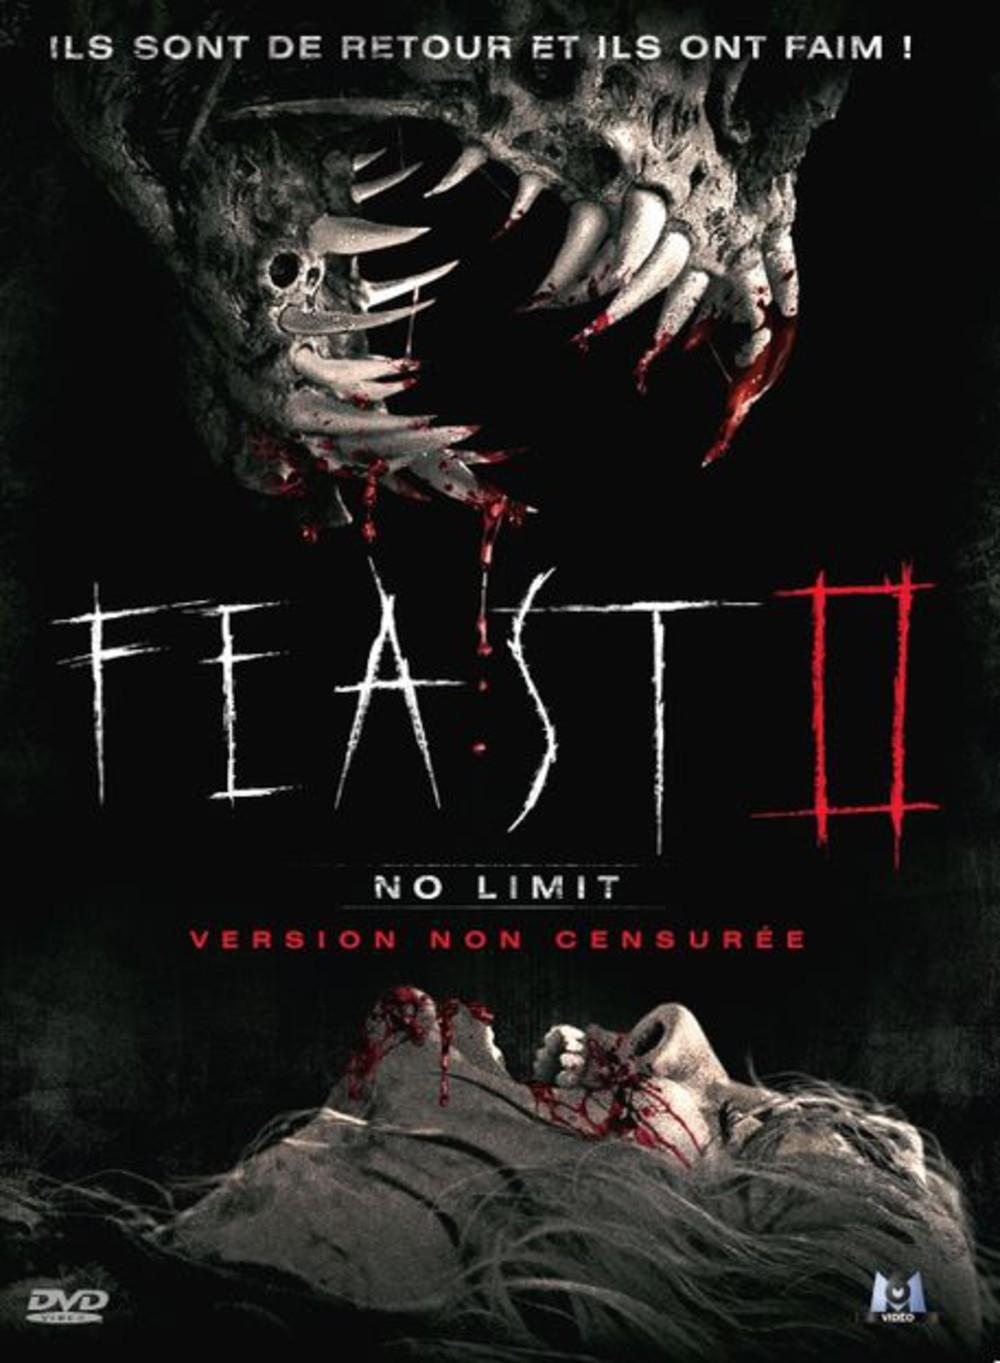 affiche du film Feast II: No Limit